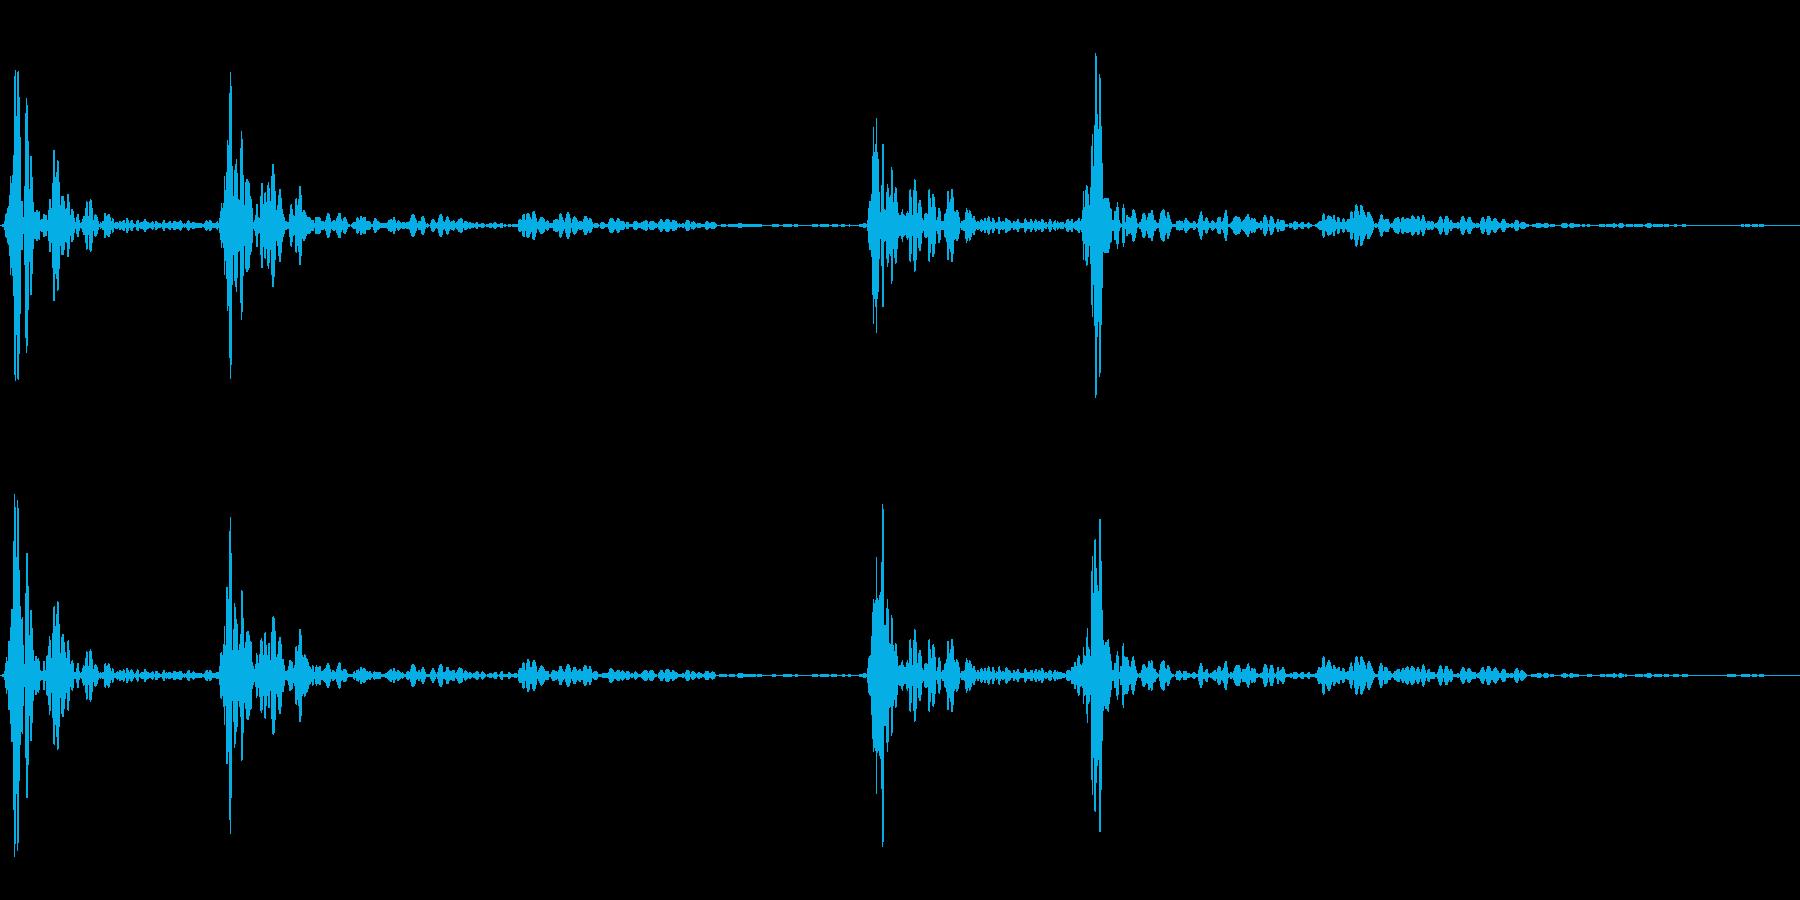 ドックンドックン(心臓音)01の再生済みの波形